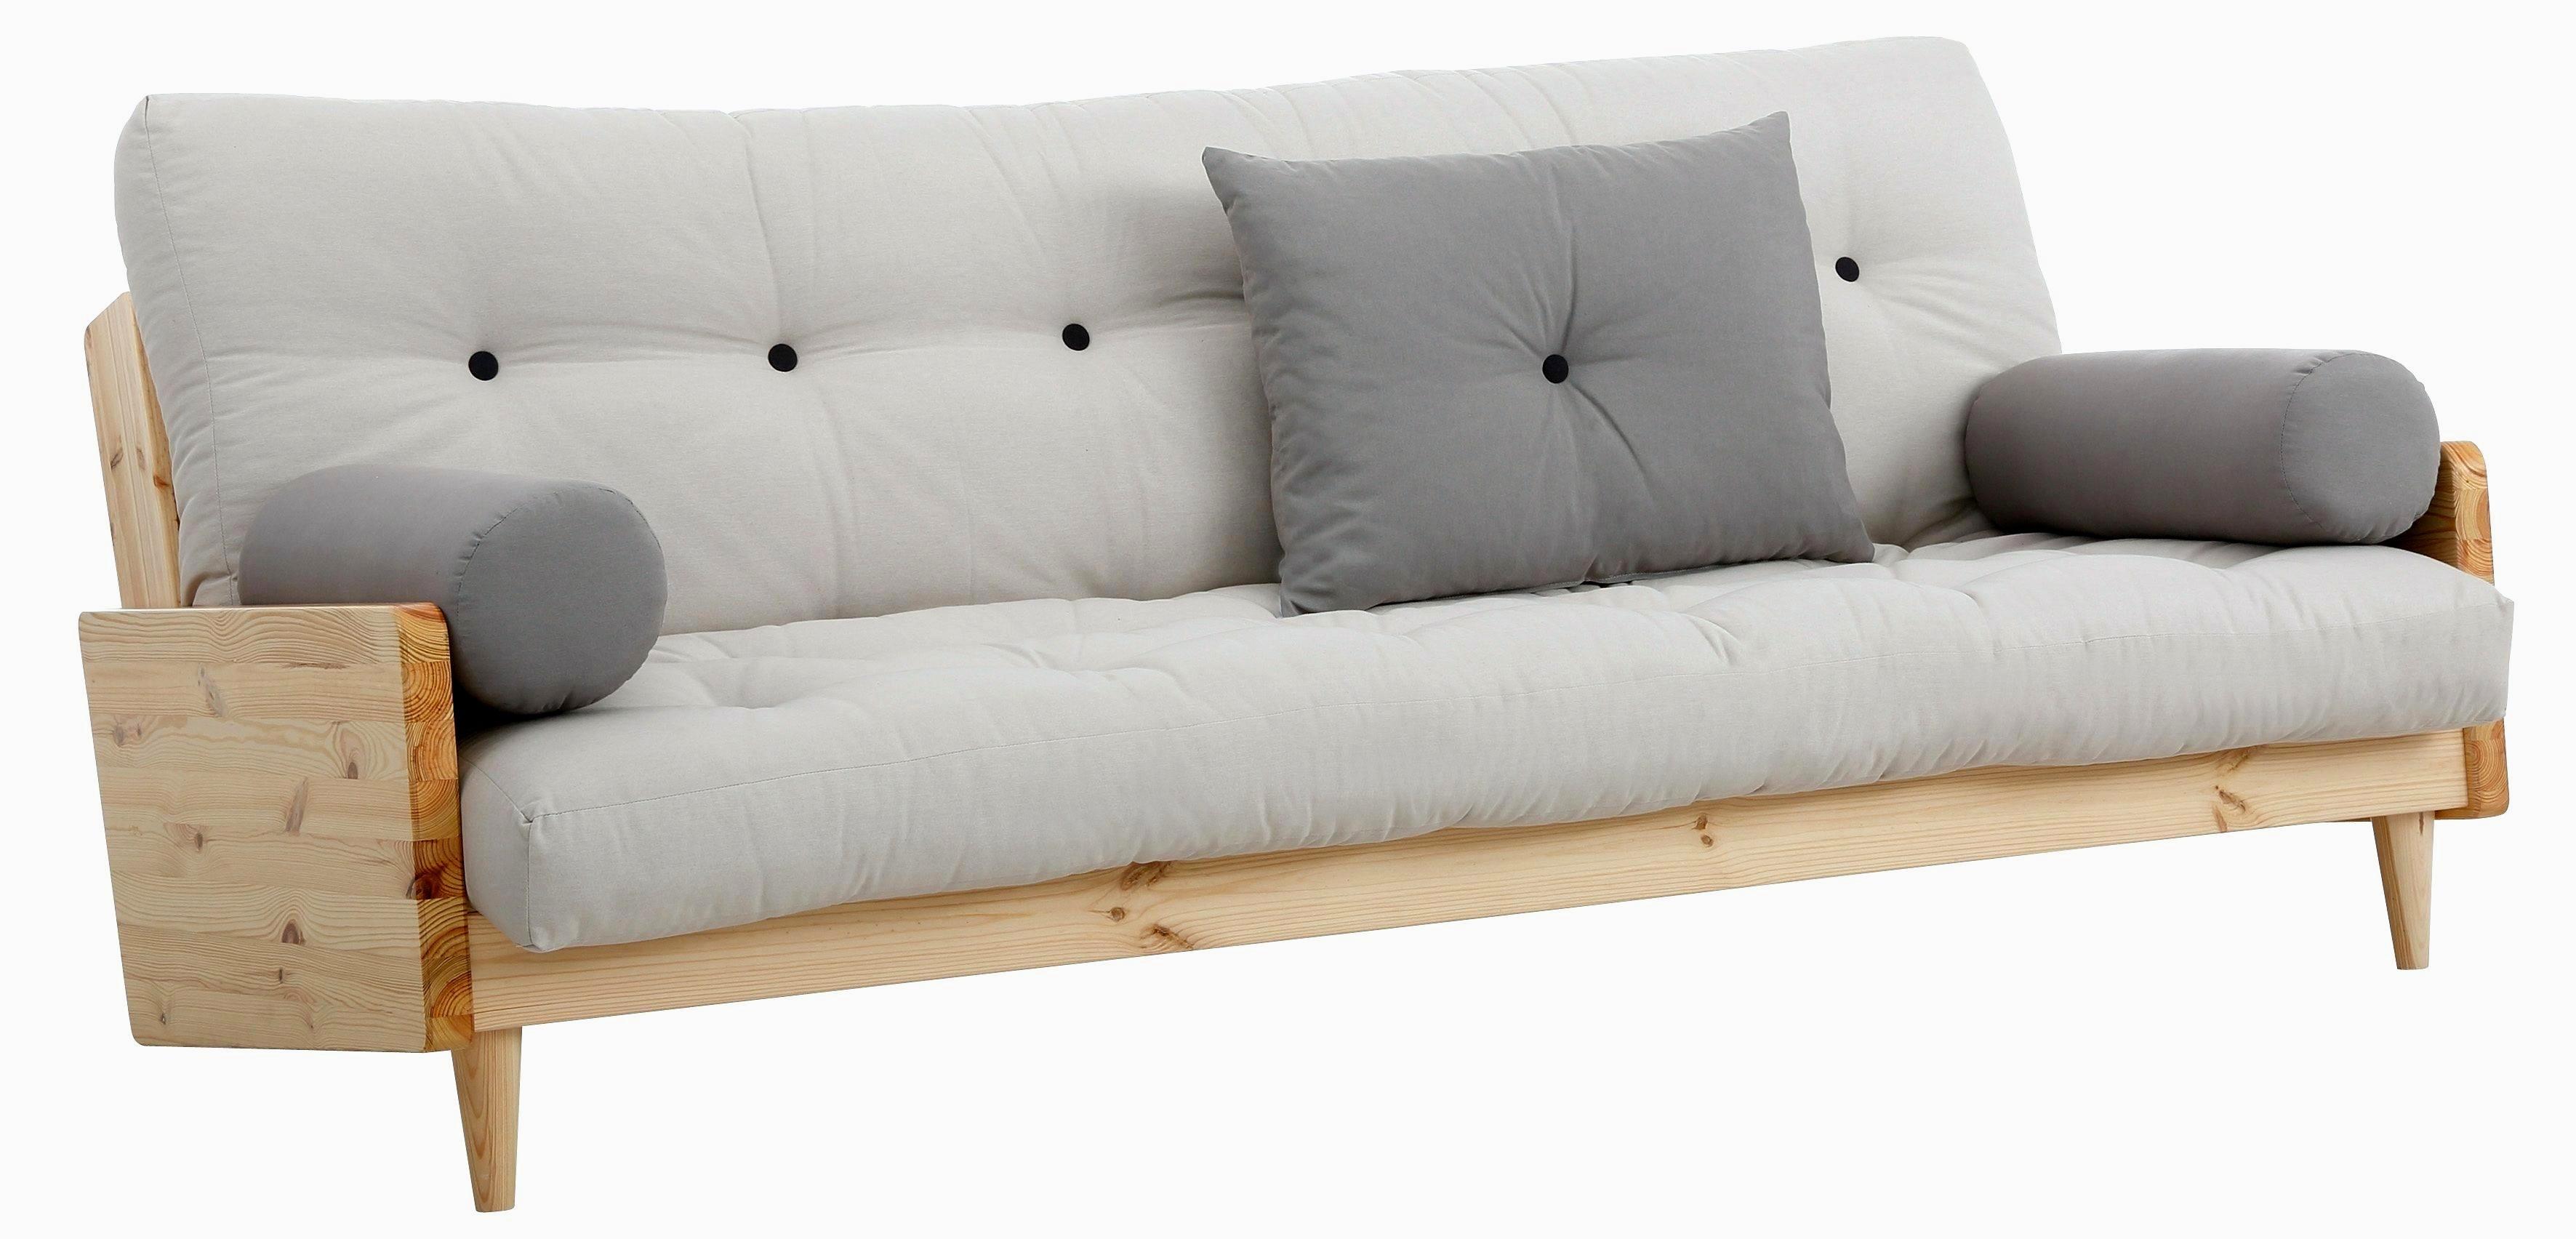 Die 20 Besten Ideen Für Schlafsofa Ebay - Beste Wohnkultur ...